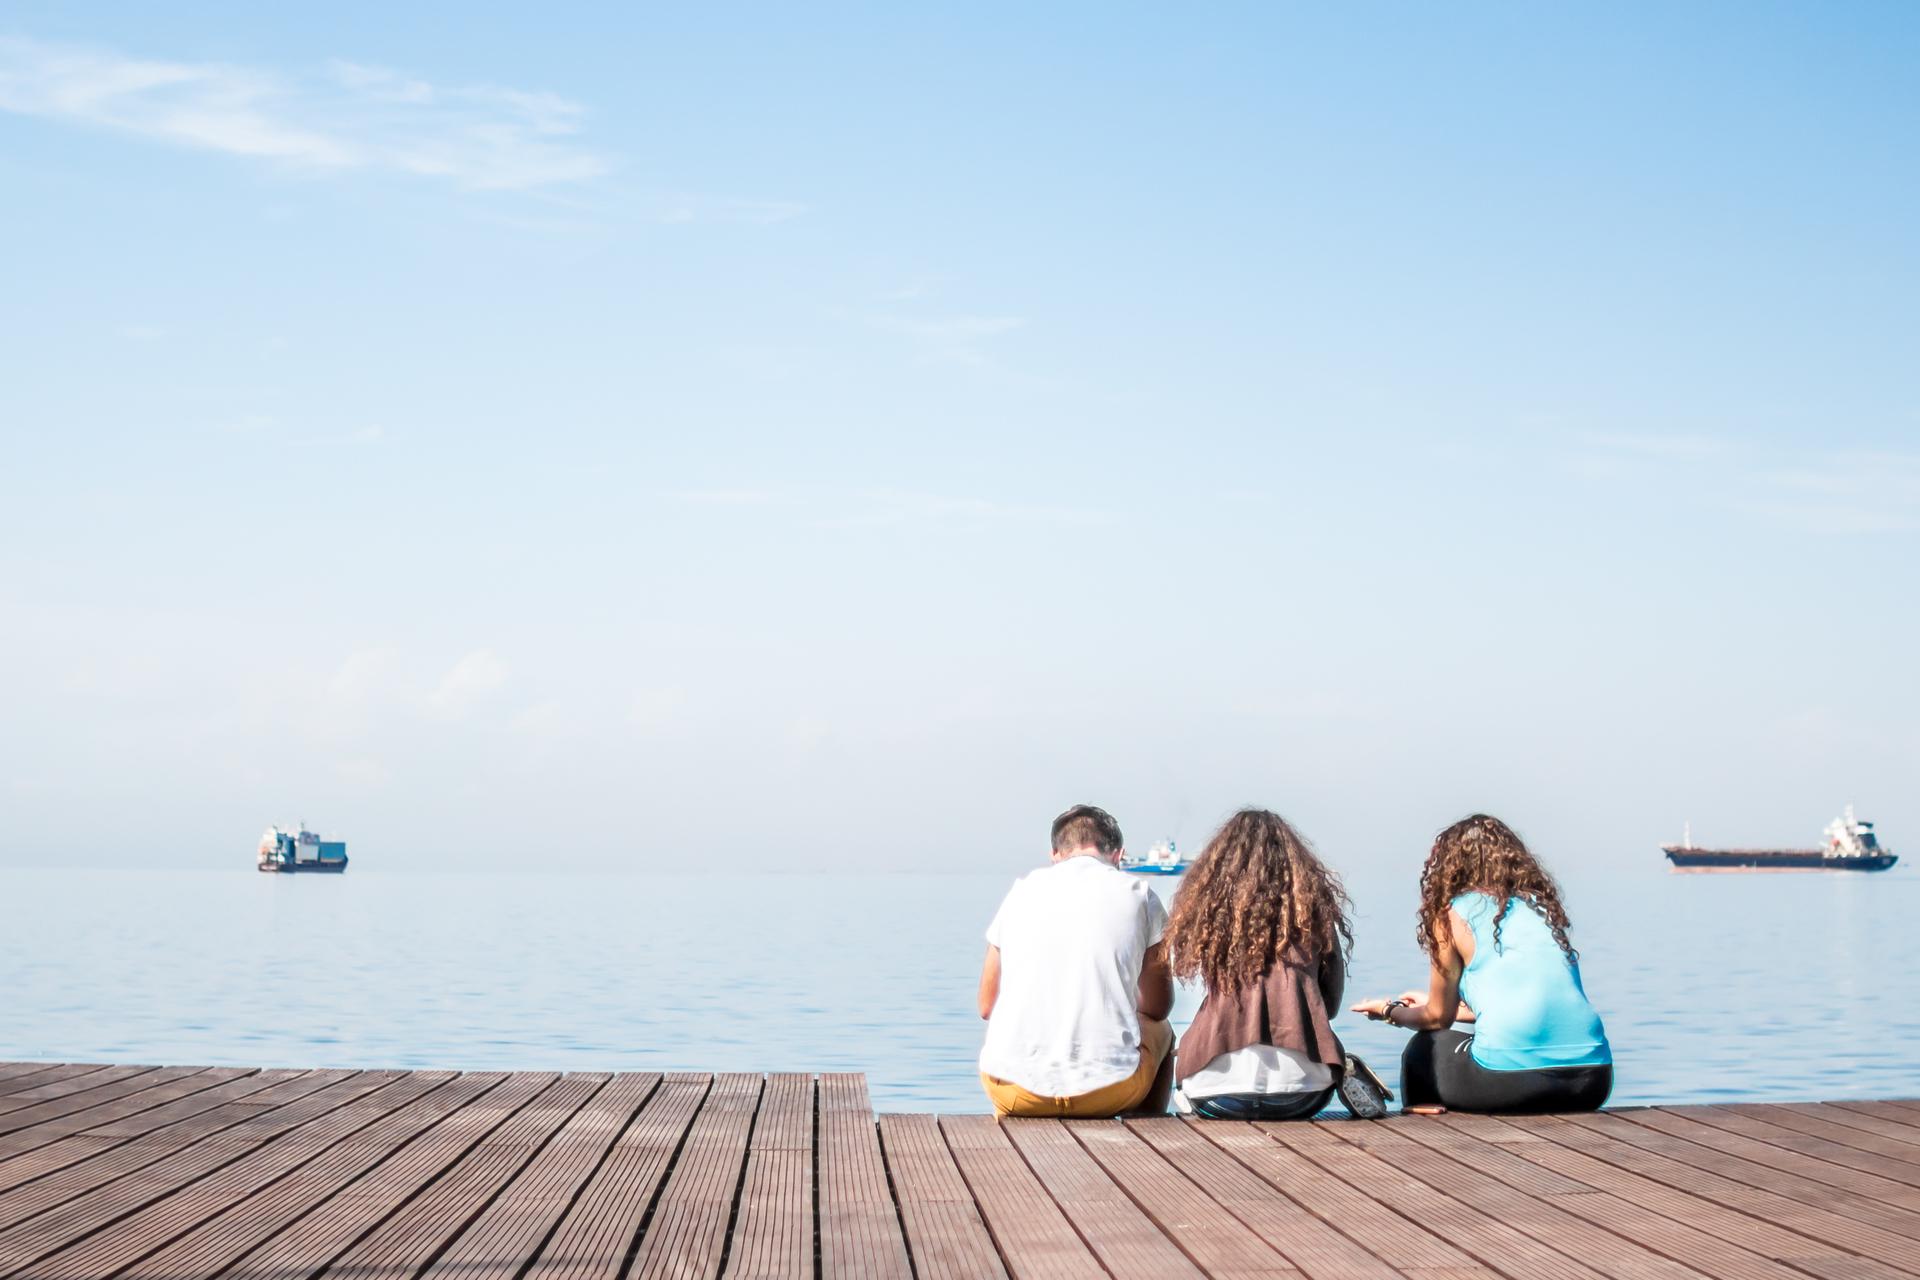 Friends Sitting On Wooden Dock